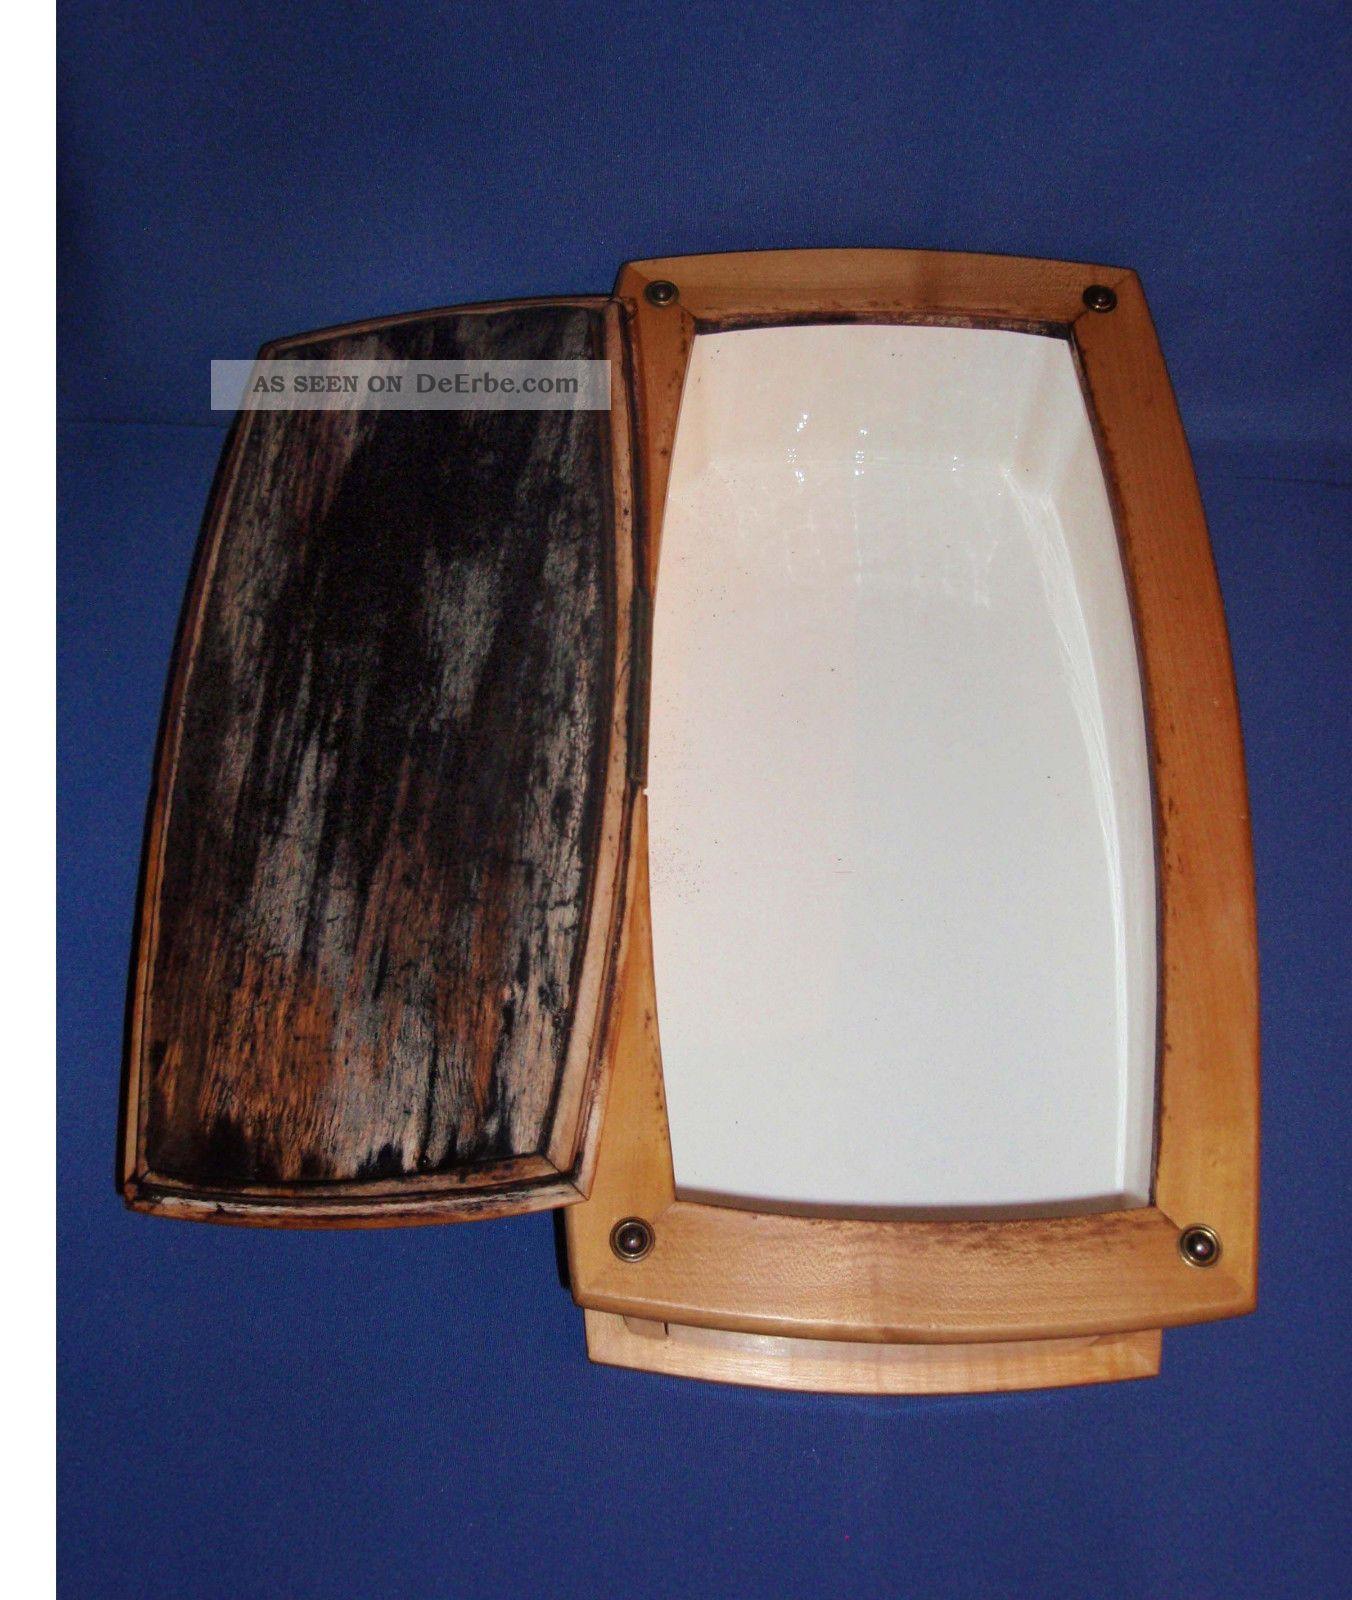 alter brotkasten roesler brotkorb r sler porzellan keramik top. Black Bedroom Furniture Sets. Home Design Ideas